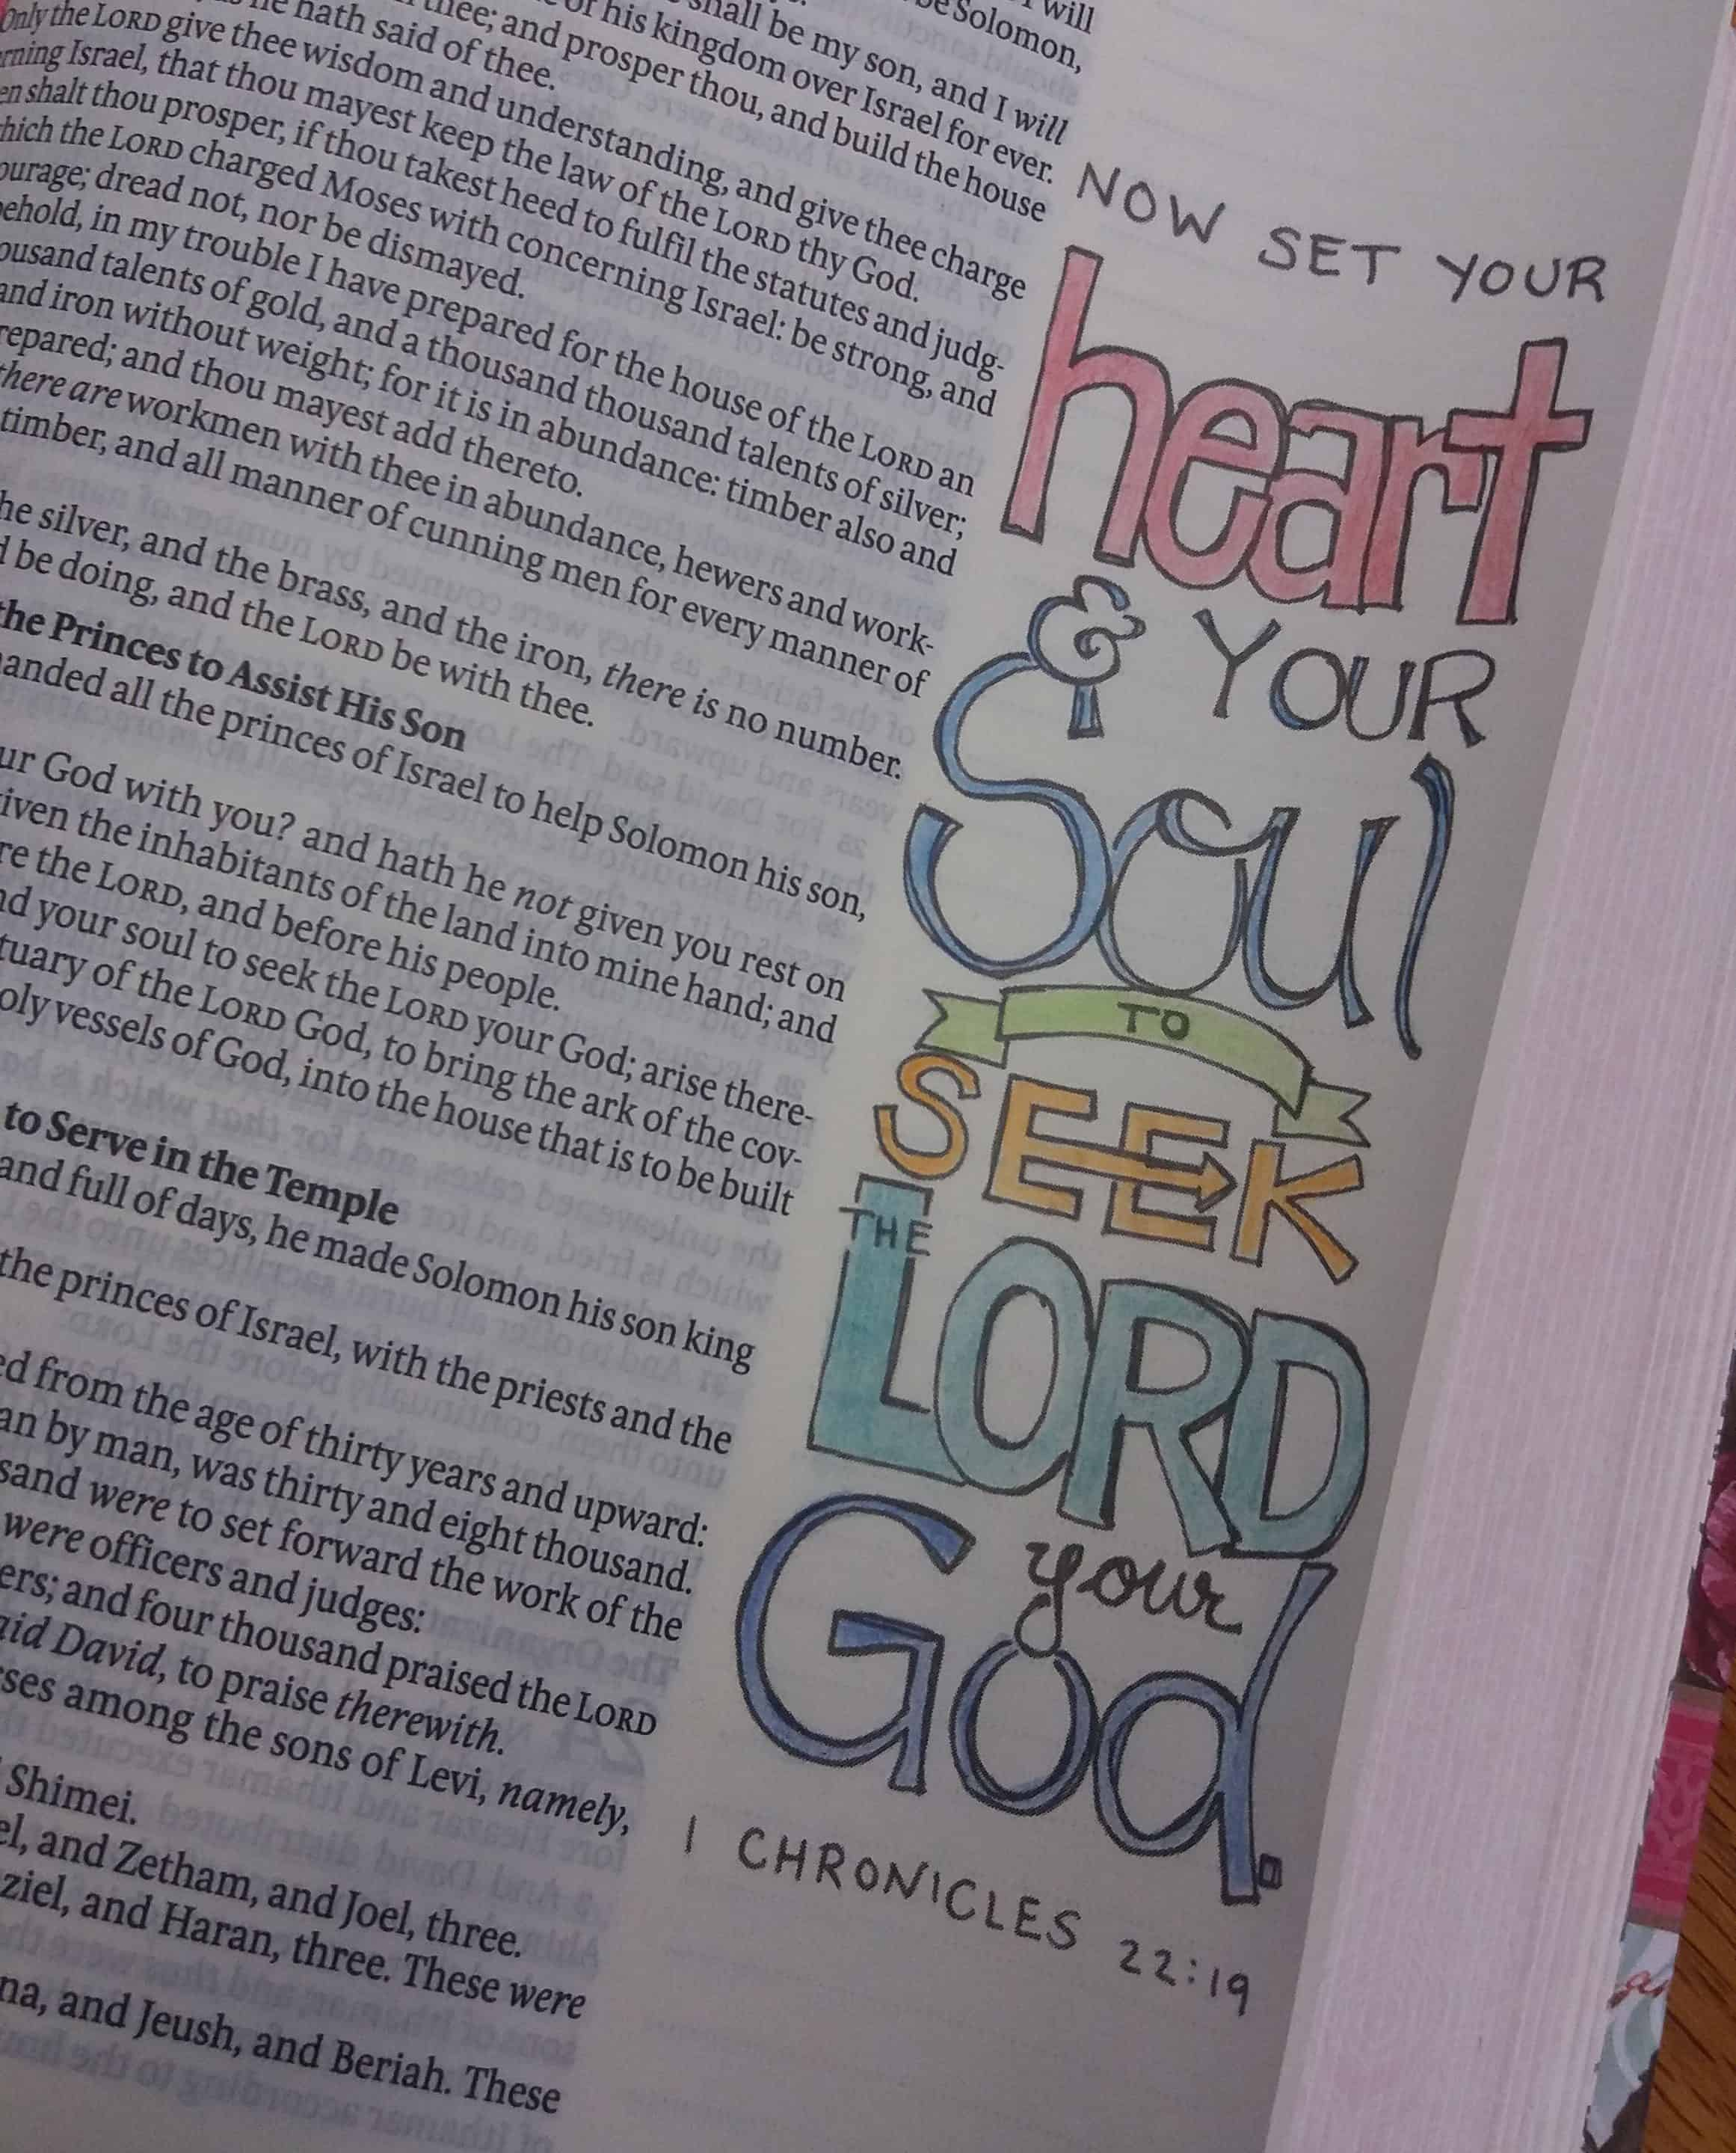 Seek the Lord